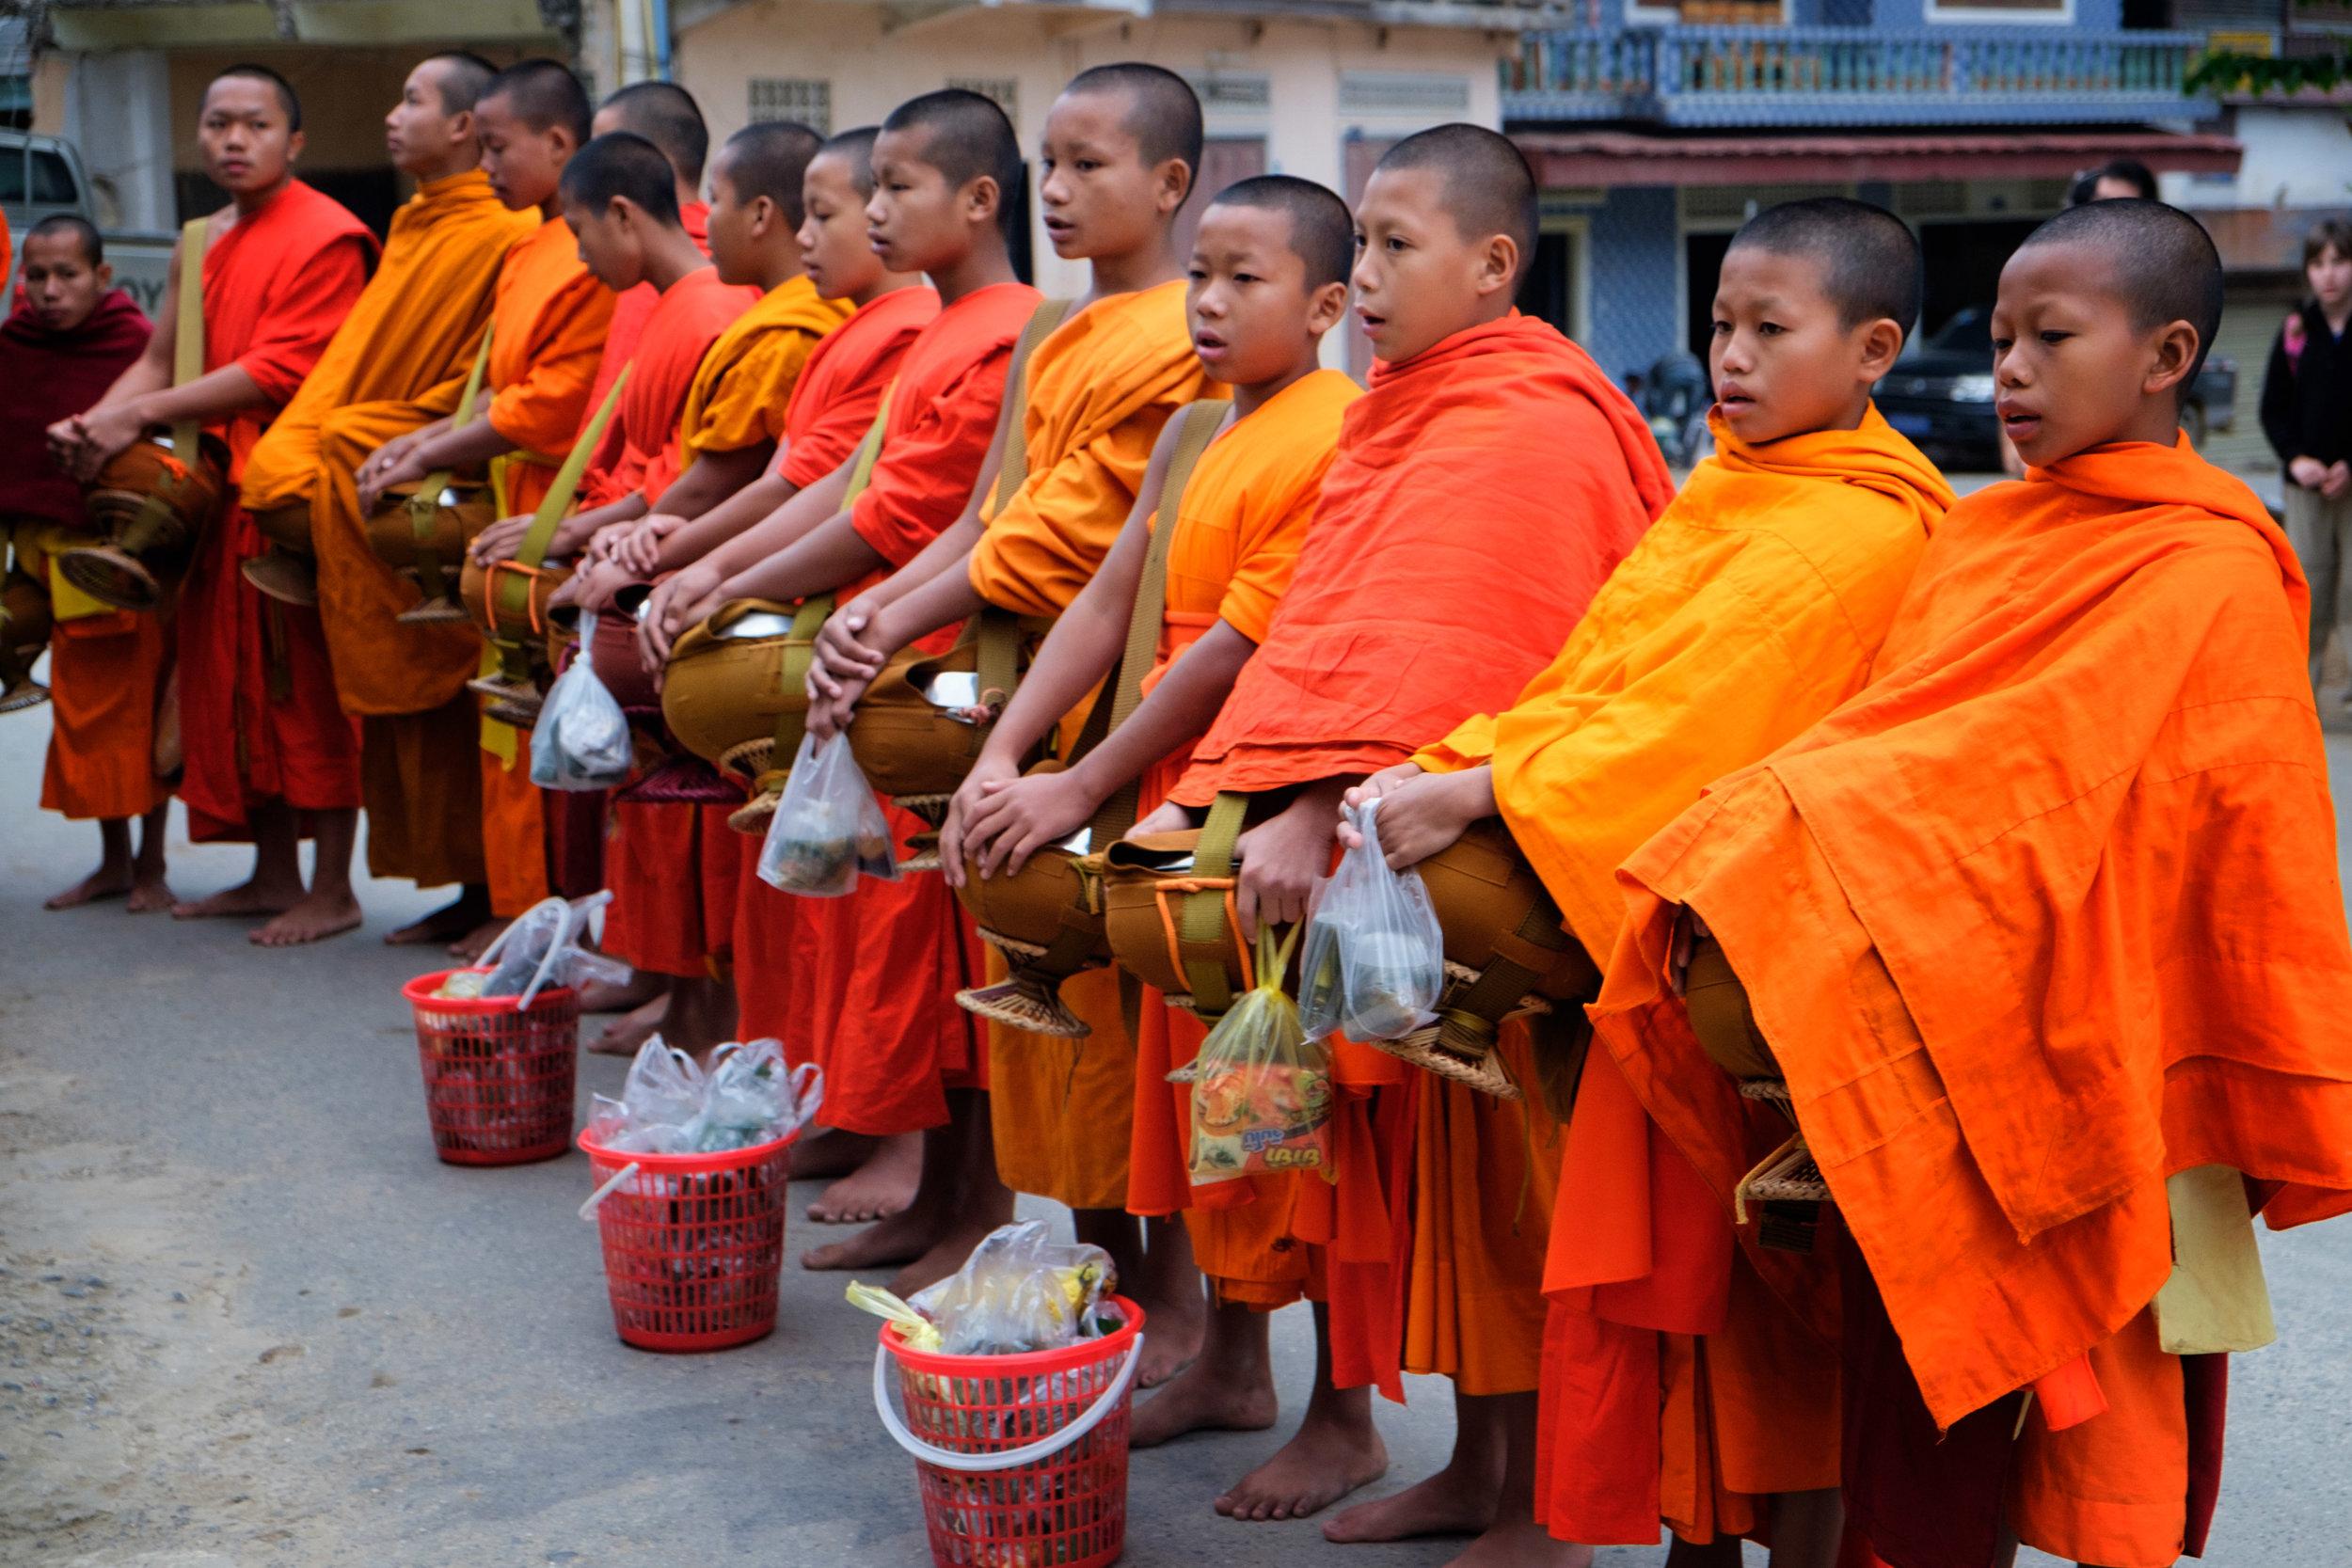 À chaque matin, les moines laotiens passent pour se faire donner de la nourriture.